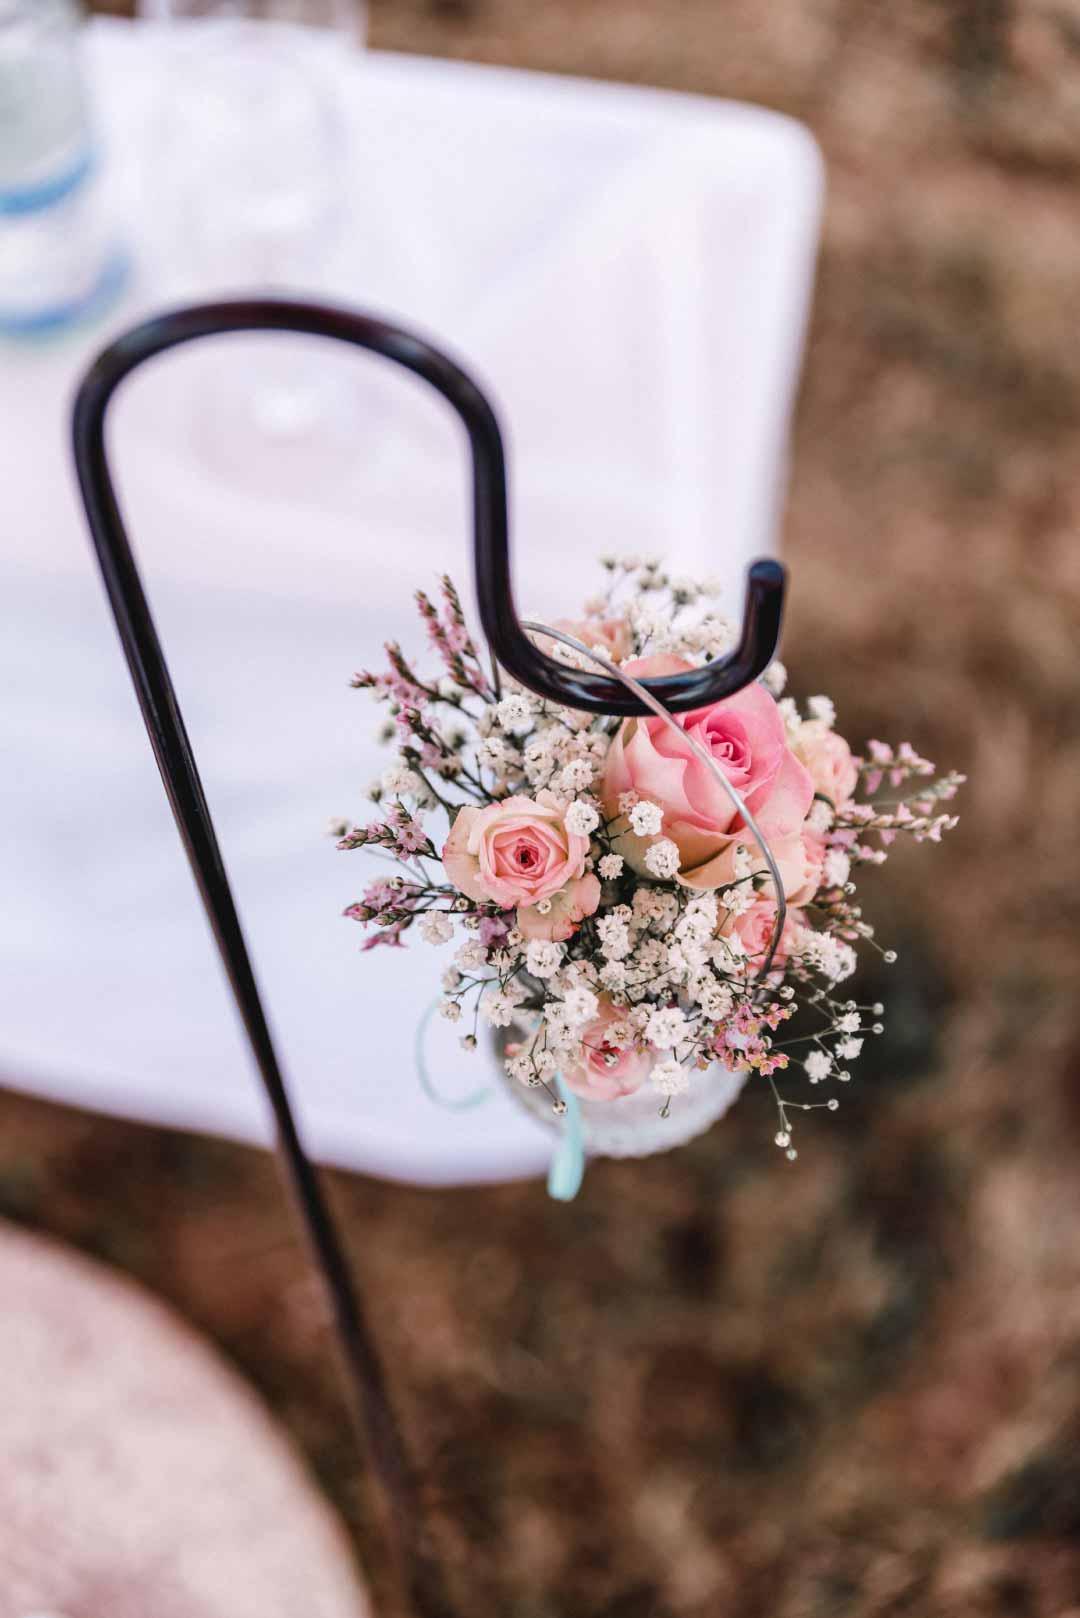 An einem Ständer hängende Dekoration mit Blumen